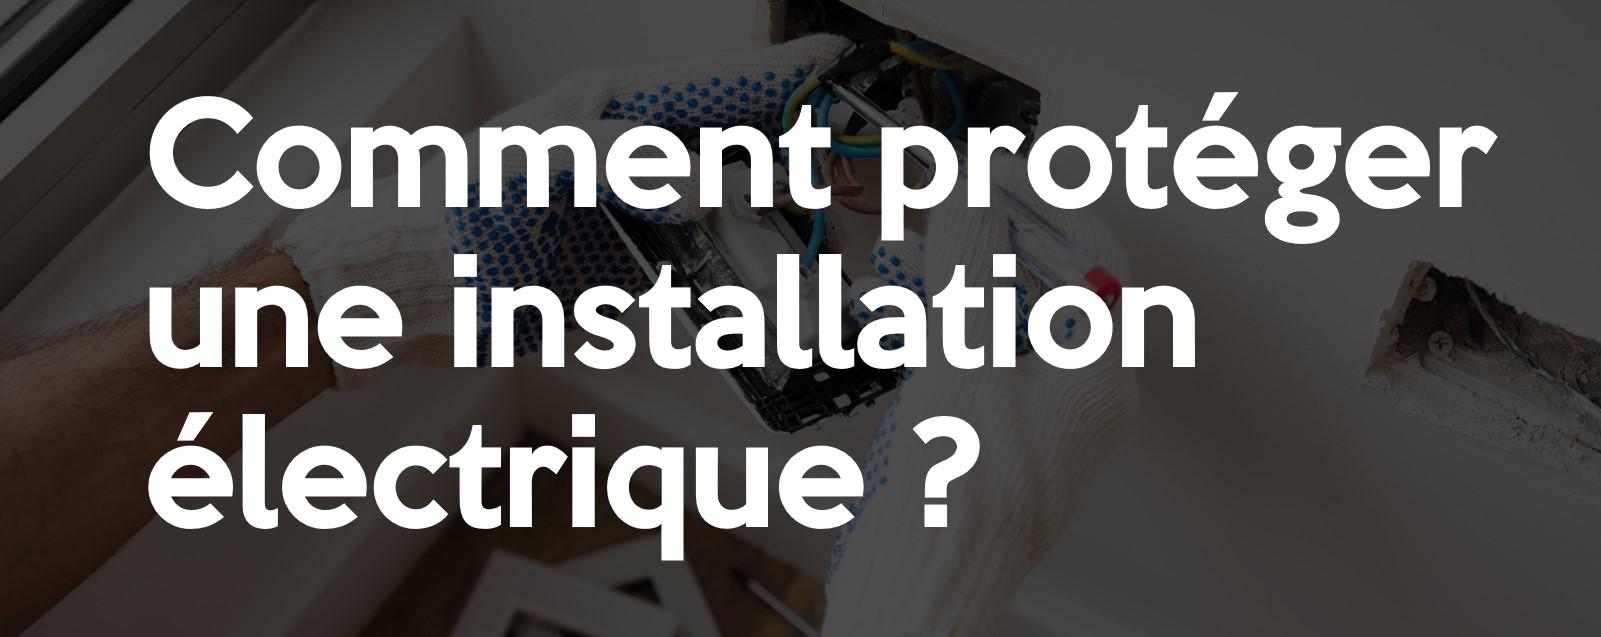 Comment protéger une installation électrique?